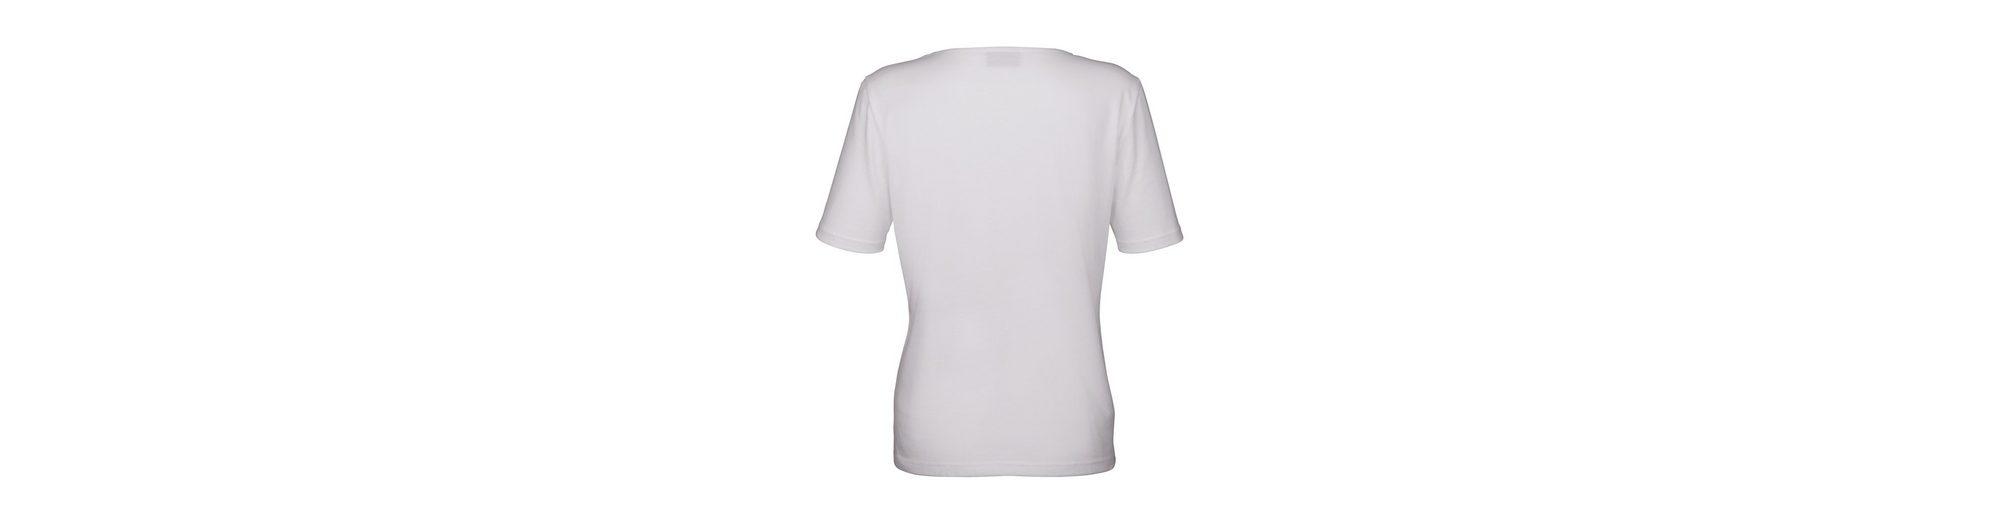 Dress In Shirt mit Strasssteinchenmotiv Spielraum Große Überraschung Kaufen Neueste Spielraum Bilder Von Freiem Verschiffen Des Porzellans aWmFYGIS